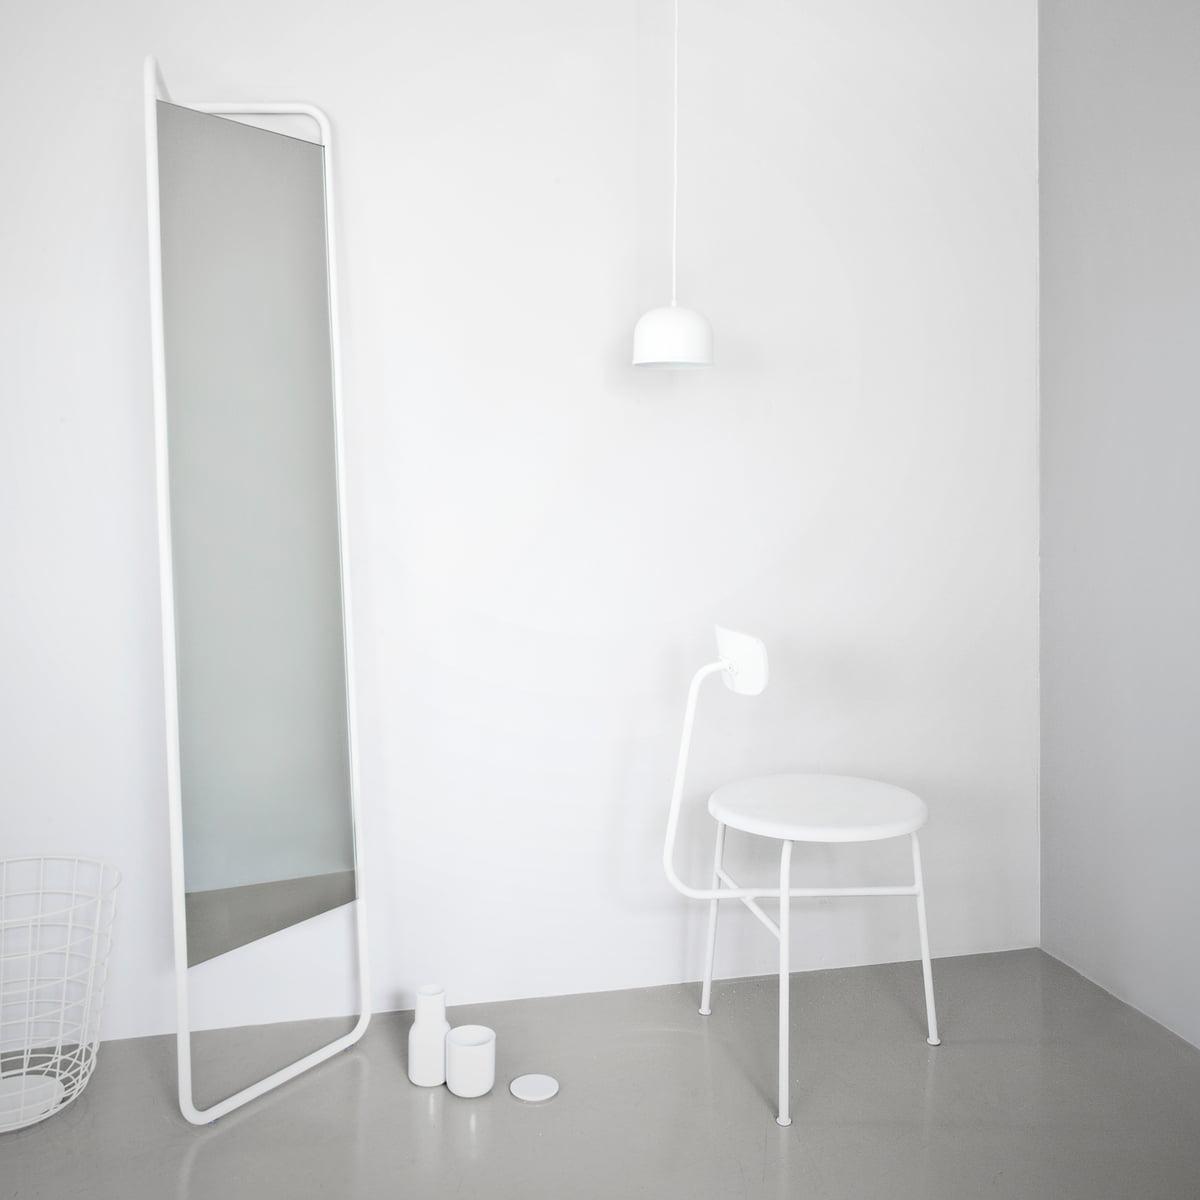 Kaschkasch spiegel von menu im design shop for Designer spiegel shop